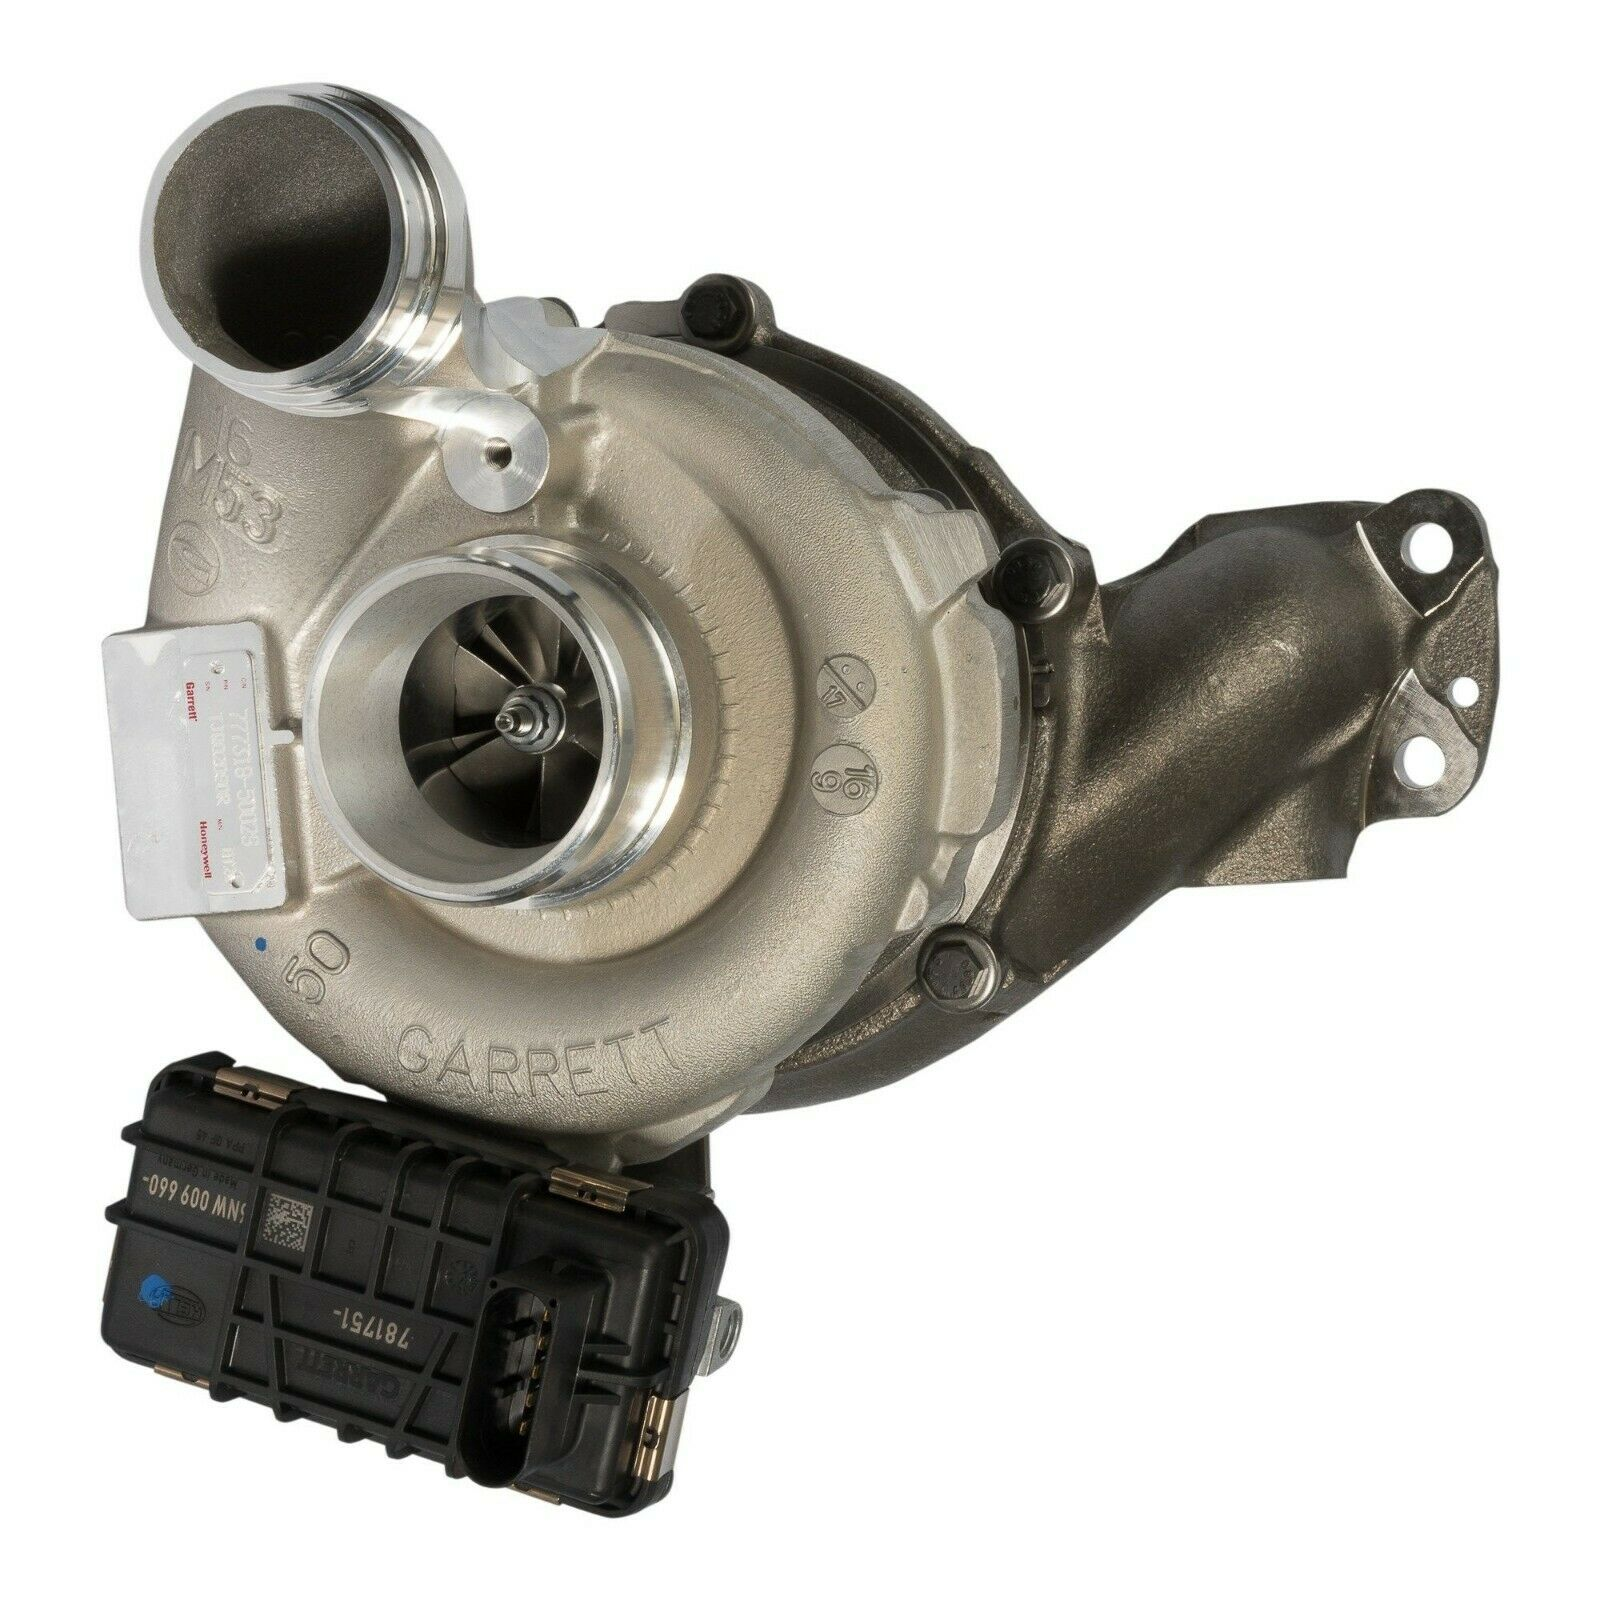 Garrett Turbocharger for 09-15 3.0L Sprinter OM642